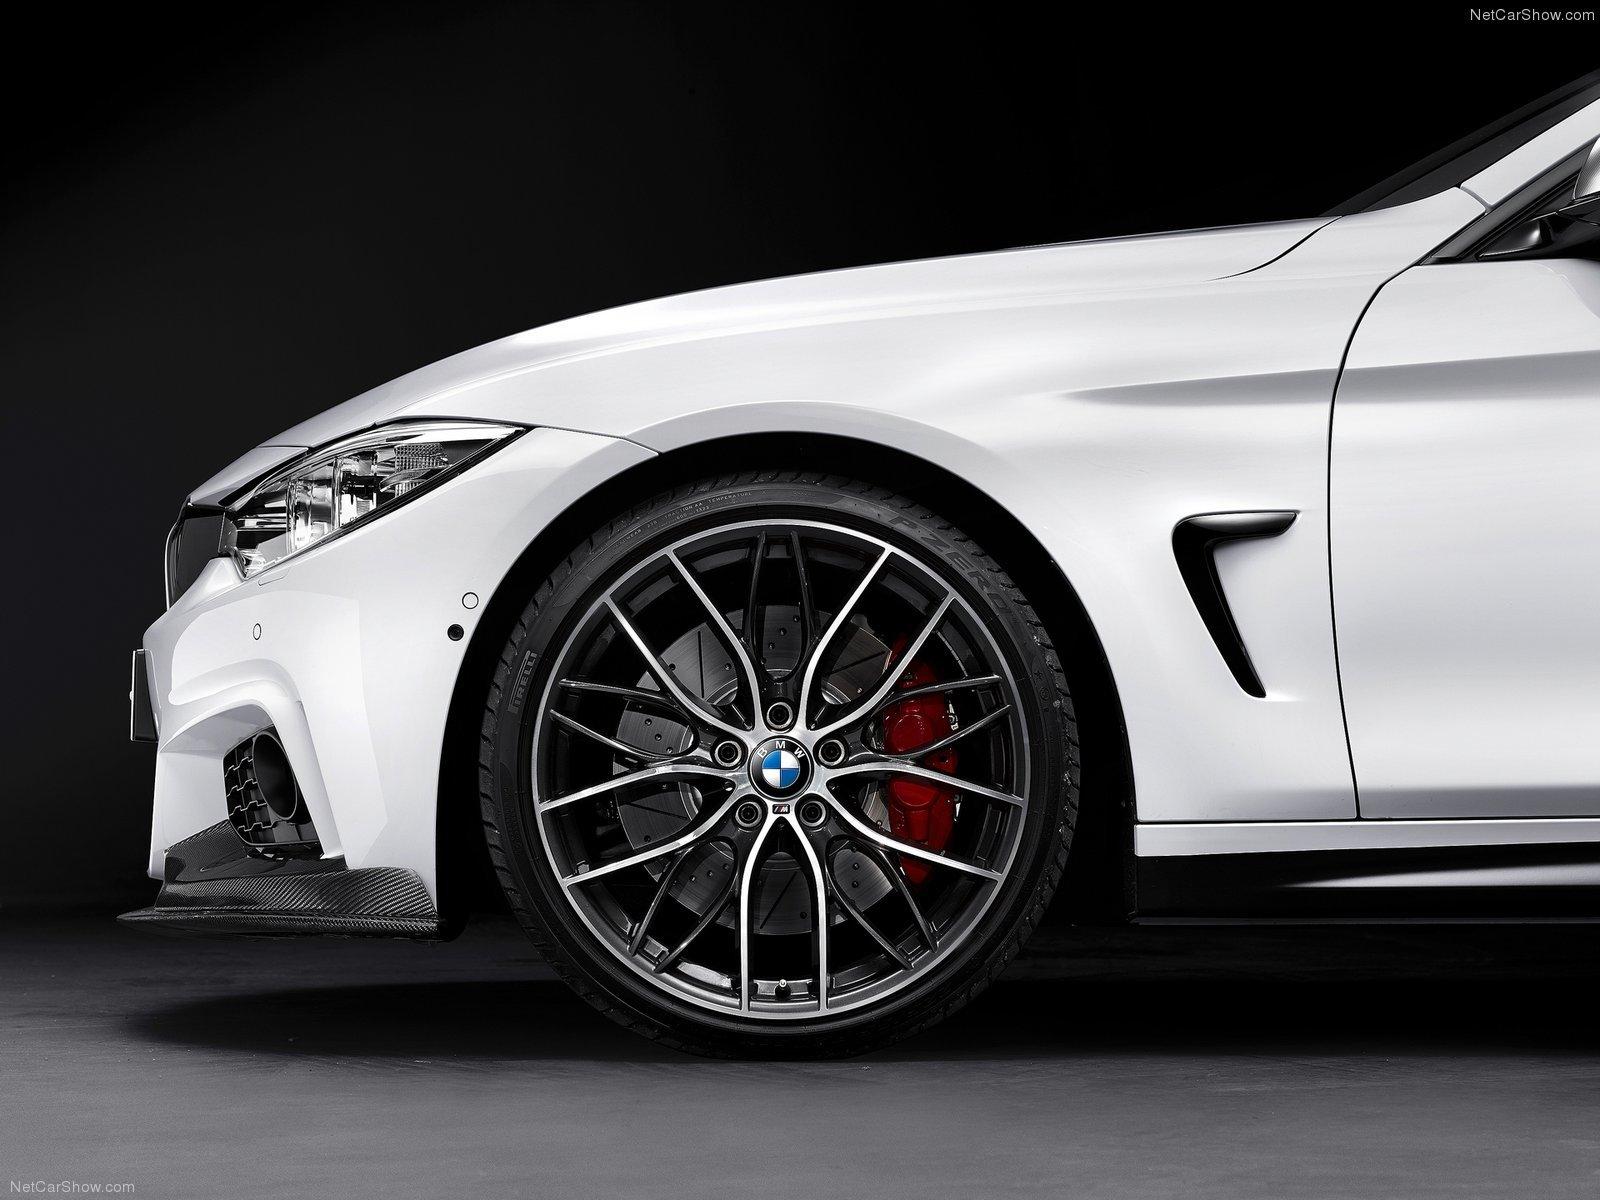 Карбоновые воздухозаборники крыльев Performance Style для BMW 4er